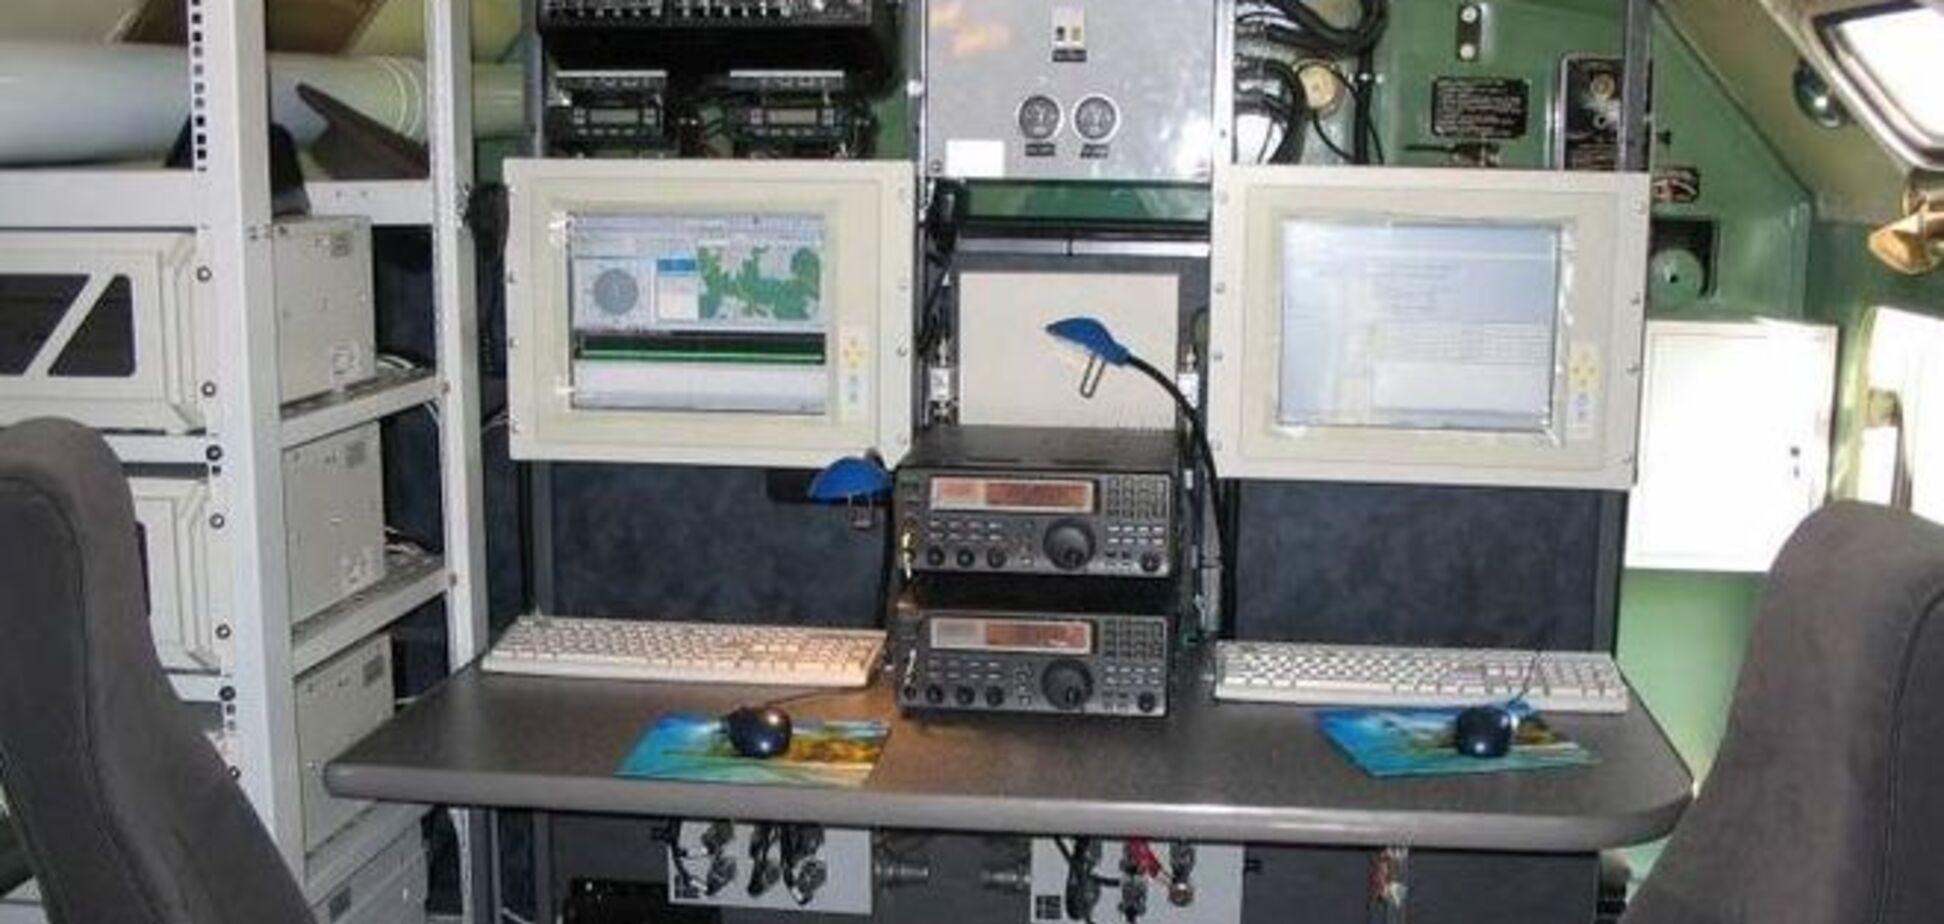 Россия разместила на границе с Харьковщиной мощные системы радиоразведки – нардеп